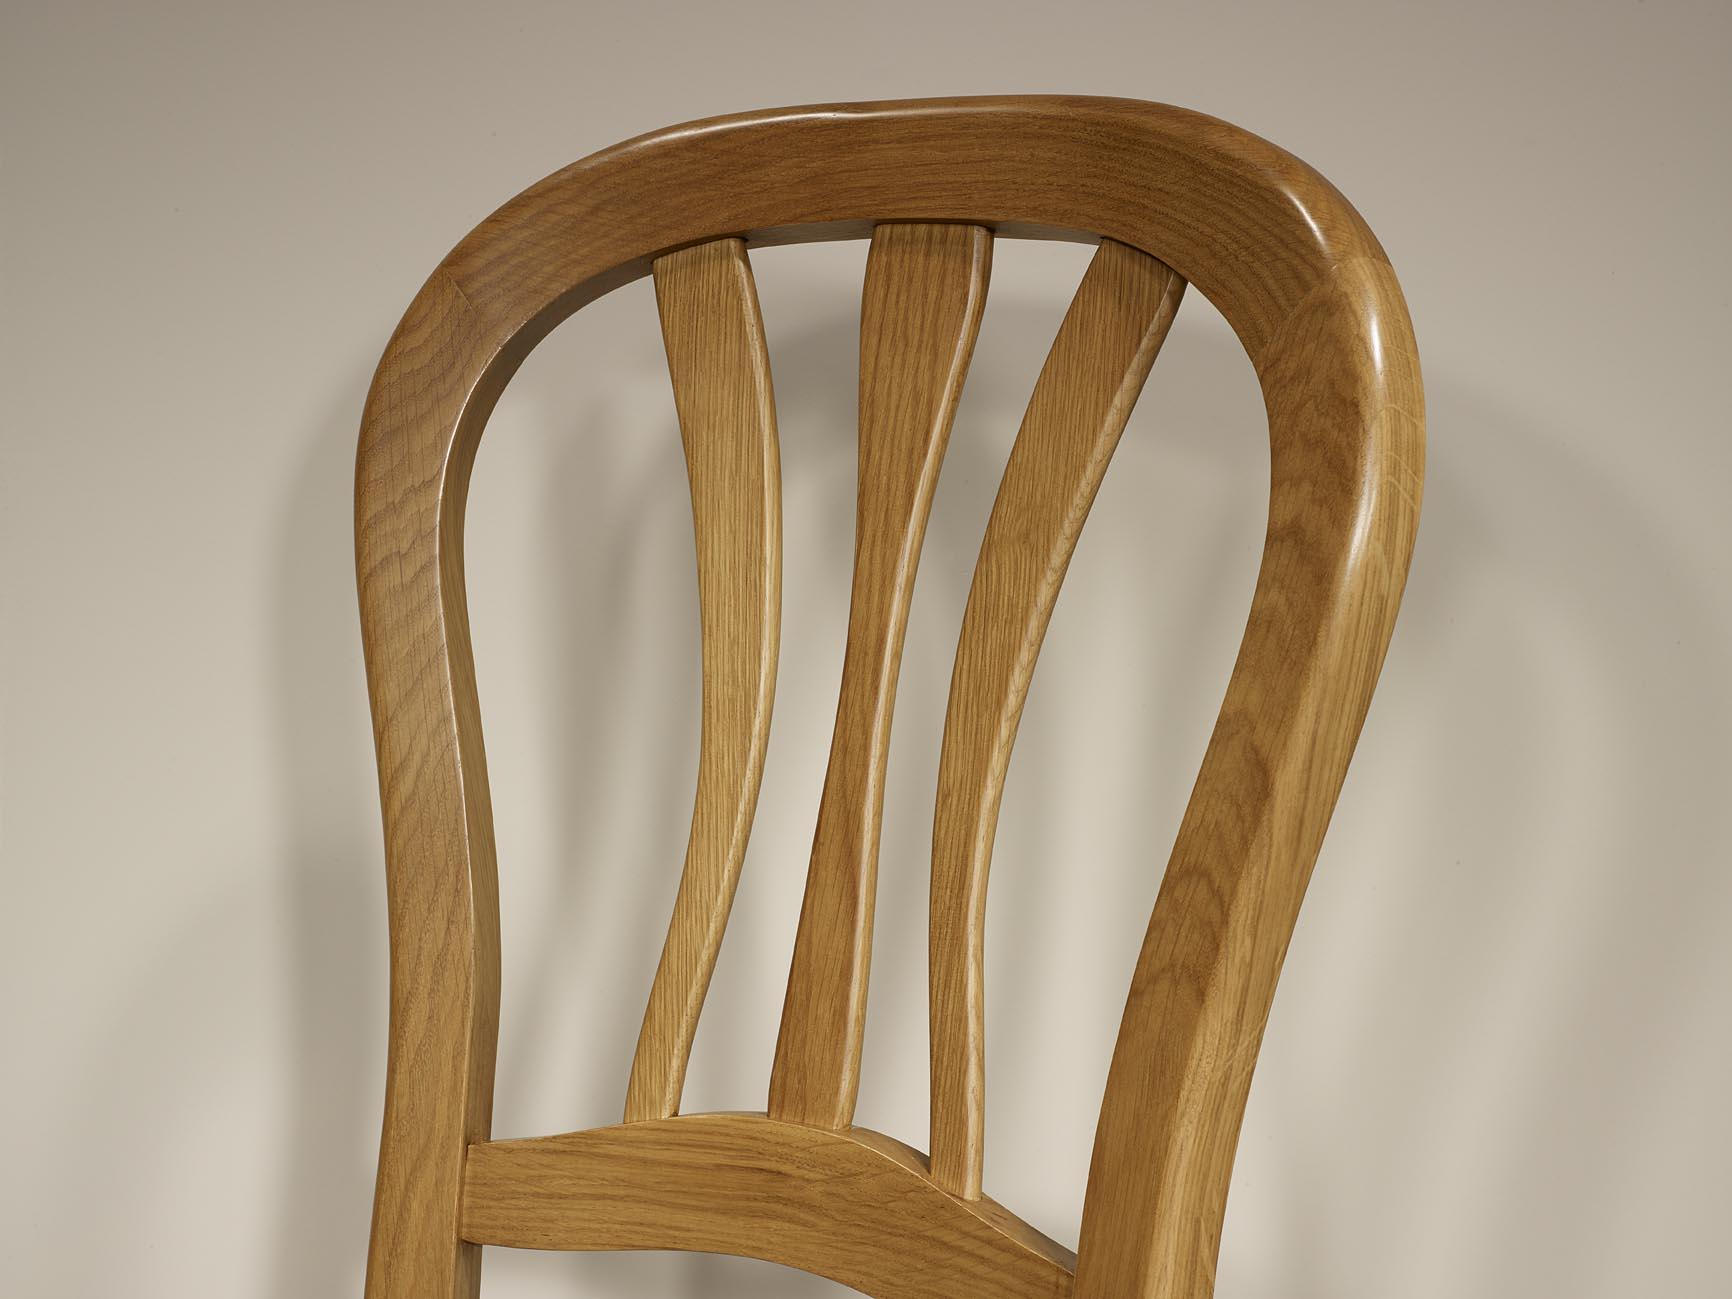 chaise en ch ne massif de style louis philippe assise moleskine chocolat meuble en ch ne massif. Black Bedroom Furniture Sets. Home Design Ideas